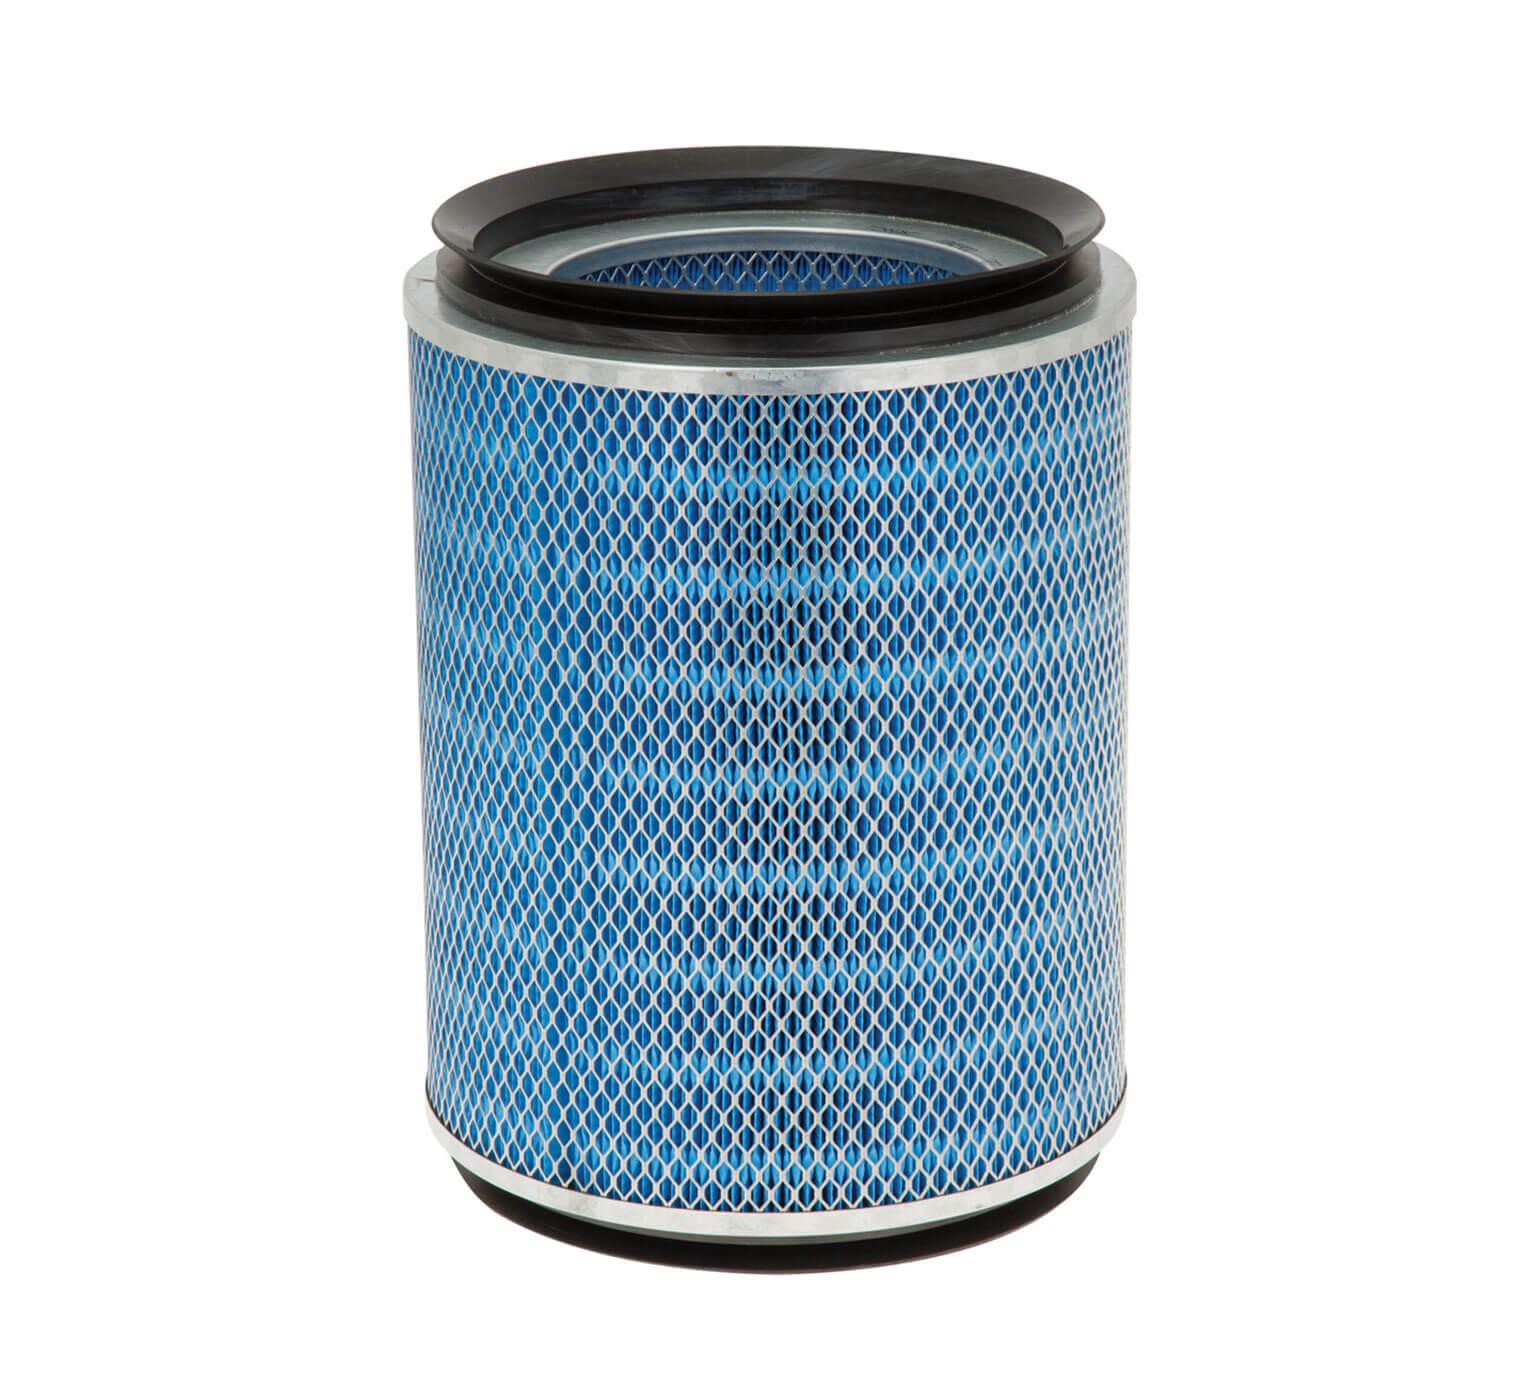 1045900 <br>Фильтр канистры-11,1 x 13,1 дюйма